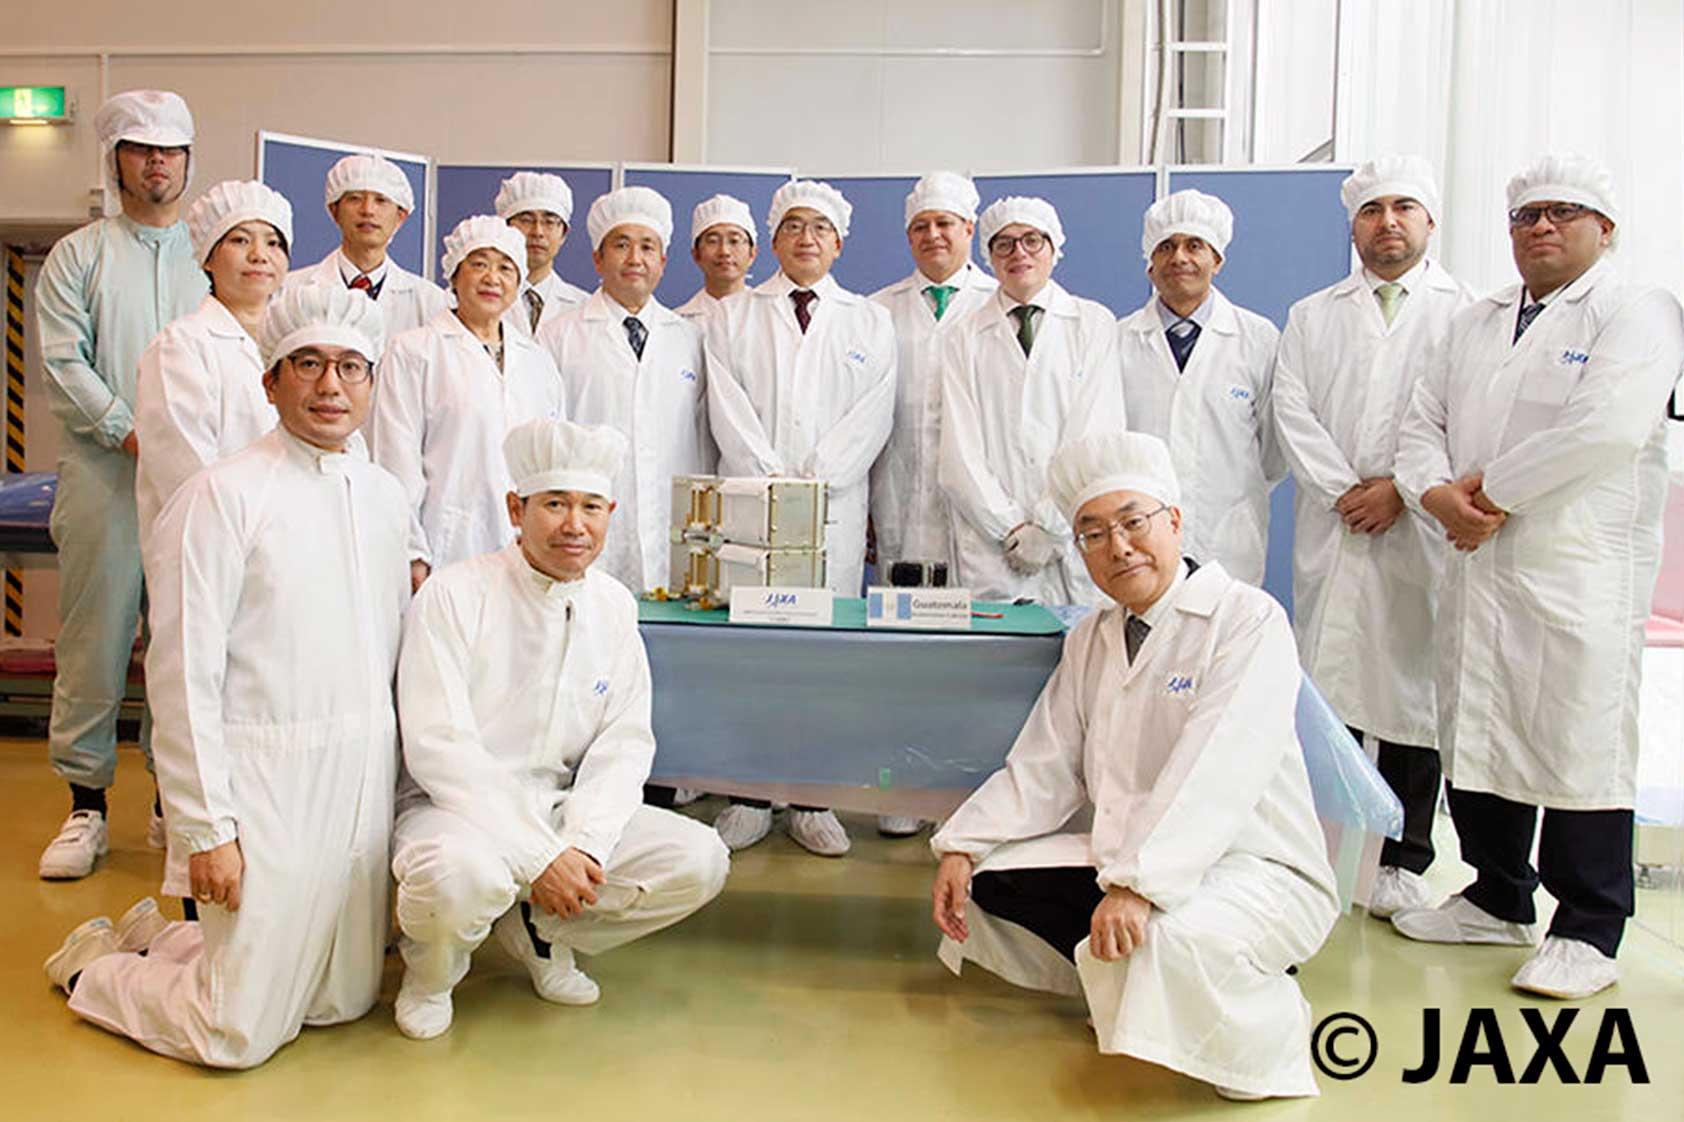 La entrega del CubeSat Quetzal 1 en Japón, según lo contó José Bagur